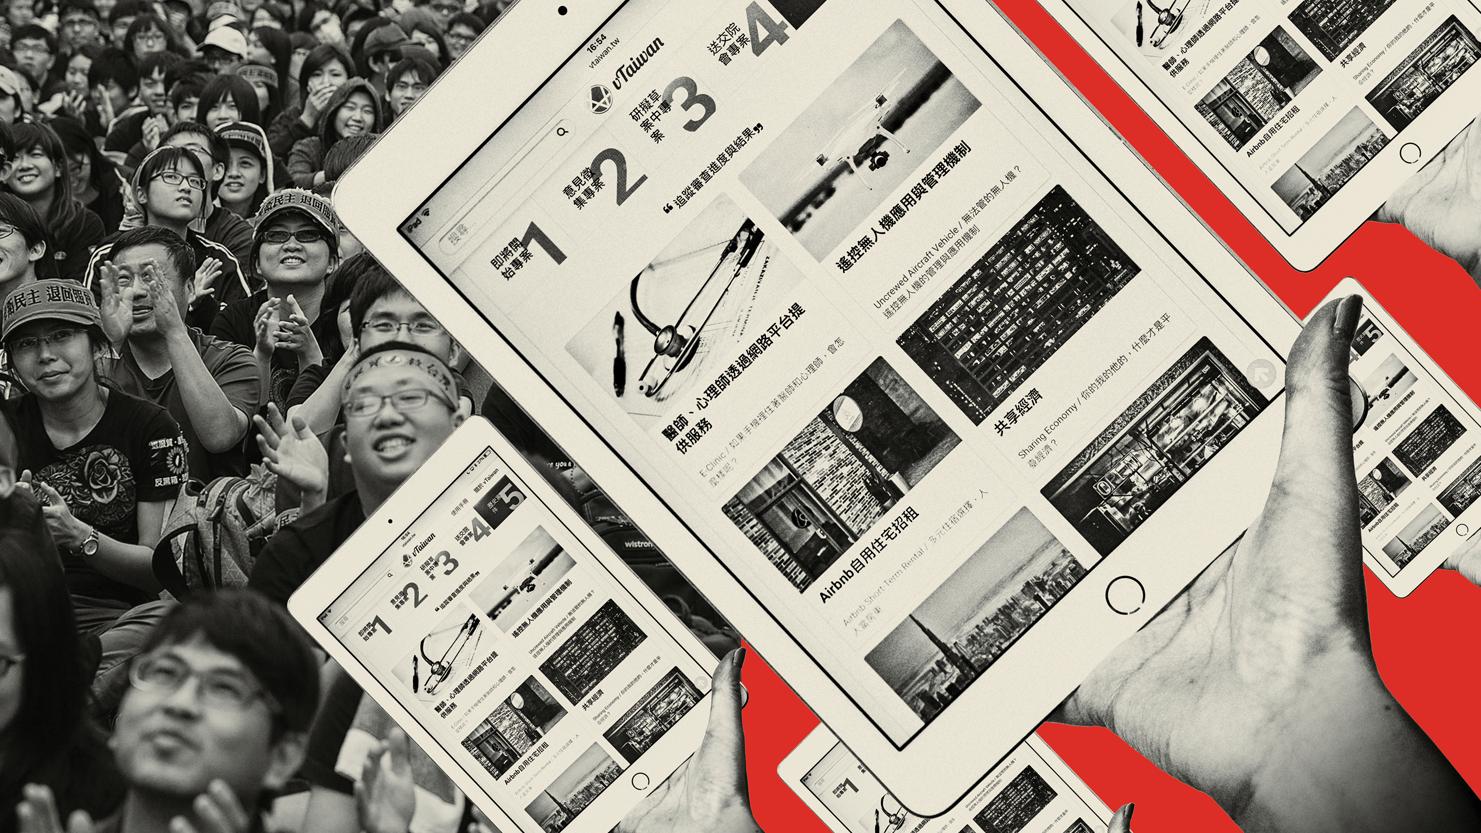 「ネットの意見が法を作る」 デジタル民主主義で 世界をリードする台湾の挑戦